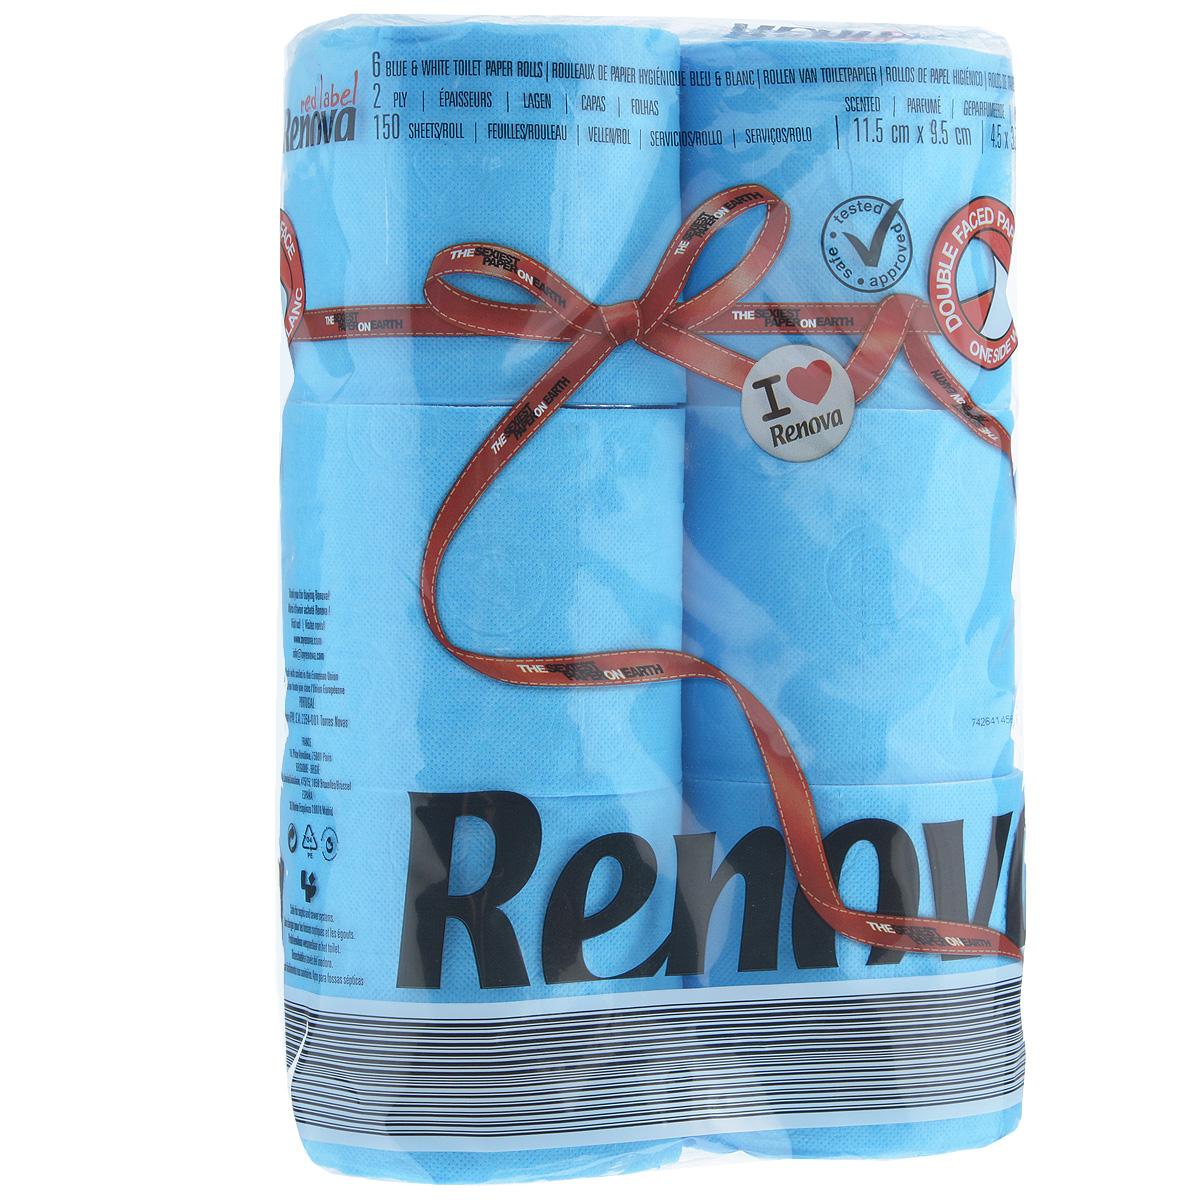 Туалетная бумага Renova, двухслойная, ароматизированная, цвет: голубой, 6 рулонов200066930Туалетная бумага Renova изготовлена по новейшей технологии из 100% ароматизированной целлюлозы, благодаря чему она имеет тонкий аромат, очень мягкая, нежная, но в тоже время прочная. Эксклюзивная двухсторонняя туалетная бумага Renova  экстрамодного цвета, придаст вашему туалету оригинальность.Состав: 100% ароматизированная целлюлоза. Количество листов: 150 шт.Количество слоев: 2.Размер листа: 11,5 см х 9,5 см.Количество рулонов: 6 шт.Португальская компания Renova является ведущим разработчиком новейших технологий производства, нового стиля и направления на рынке гигиенической продукции. Современный дизайн и высочайшее качество, дерматологический контроль - это то, что выделяет компанию Renova среди других производителей бумажной санитарно-гигиенической продукции.